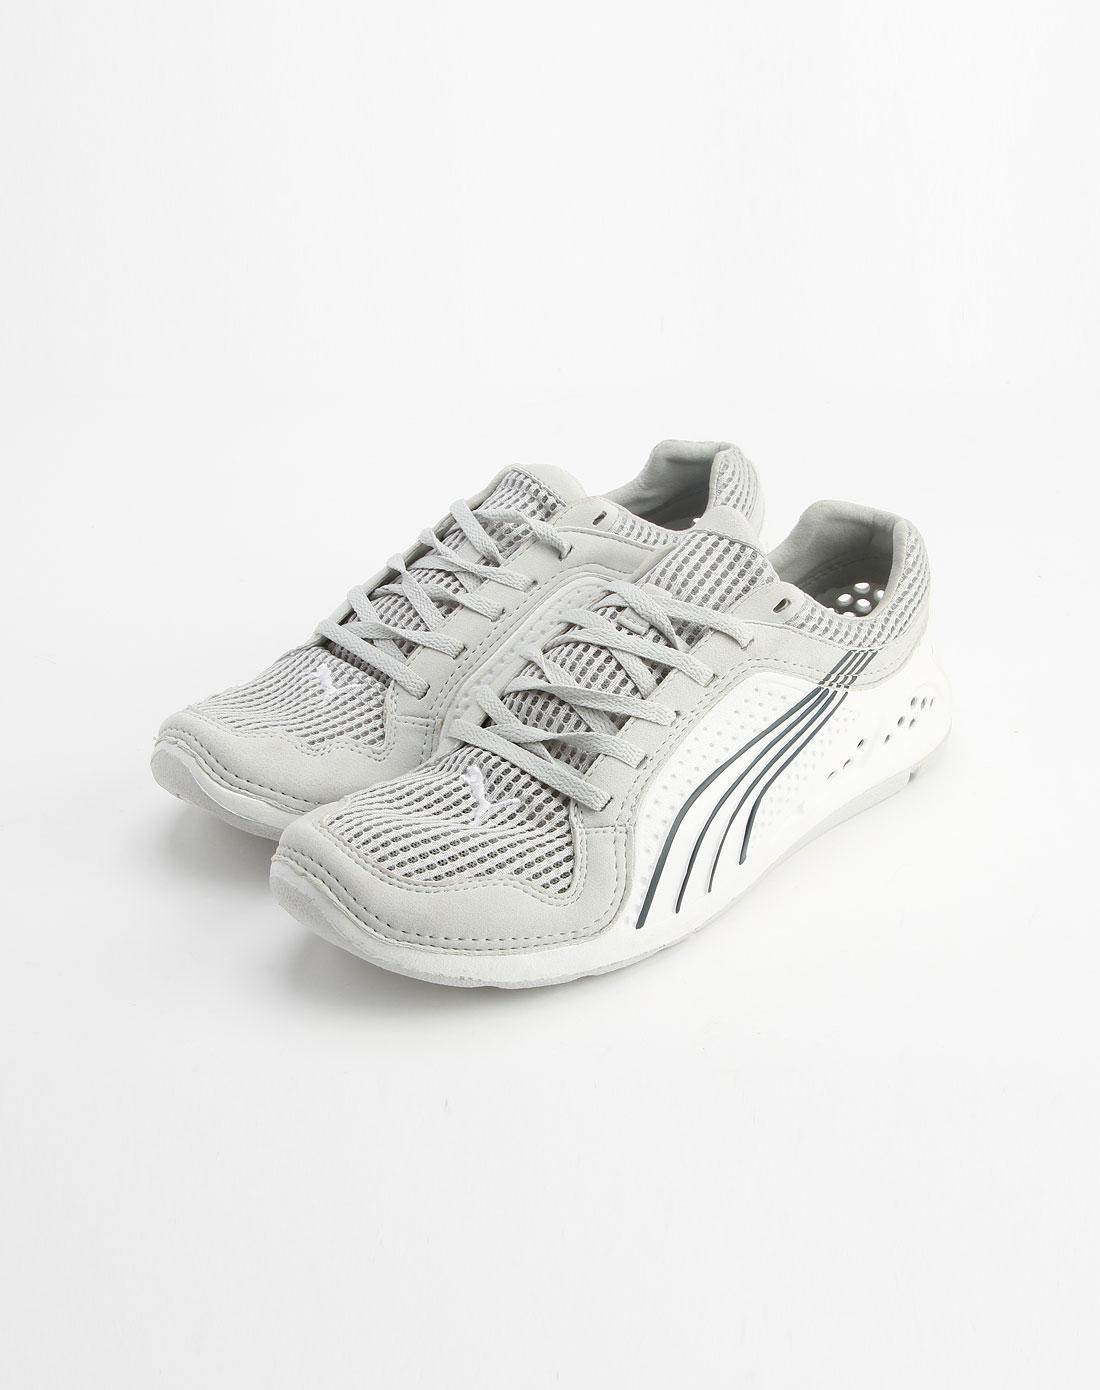 白/浅灰色绑带运动鞋